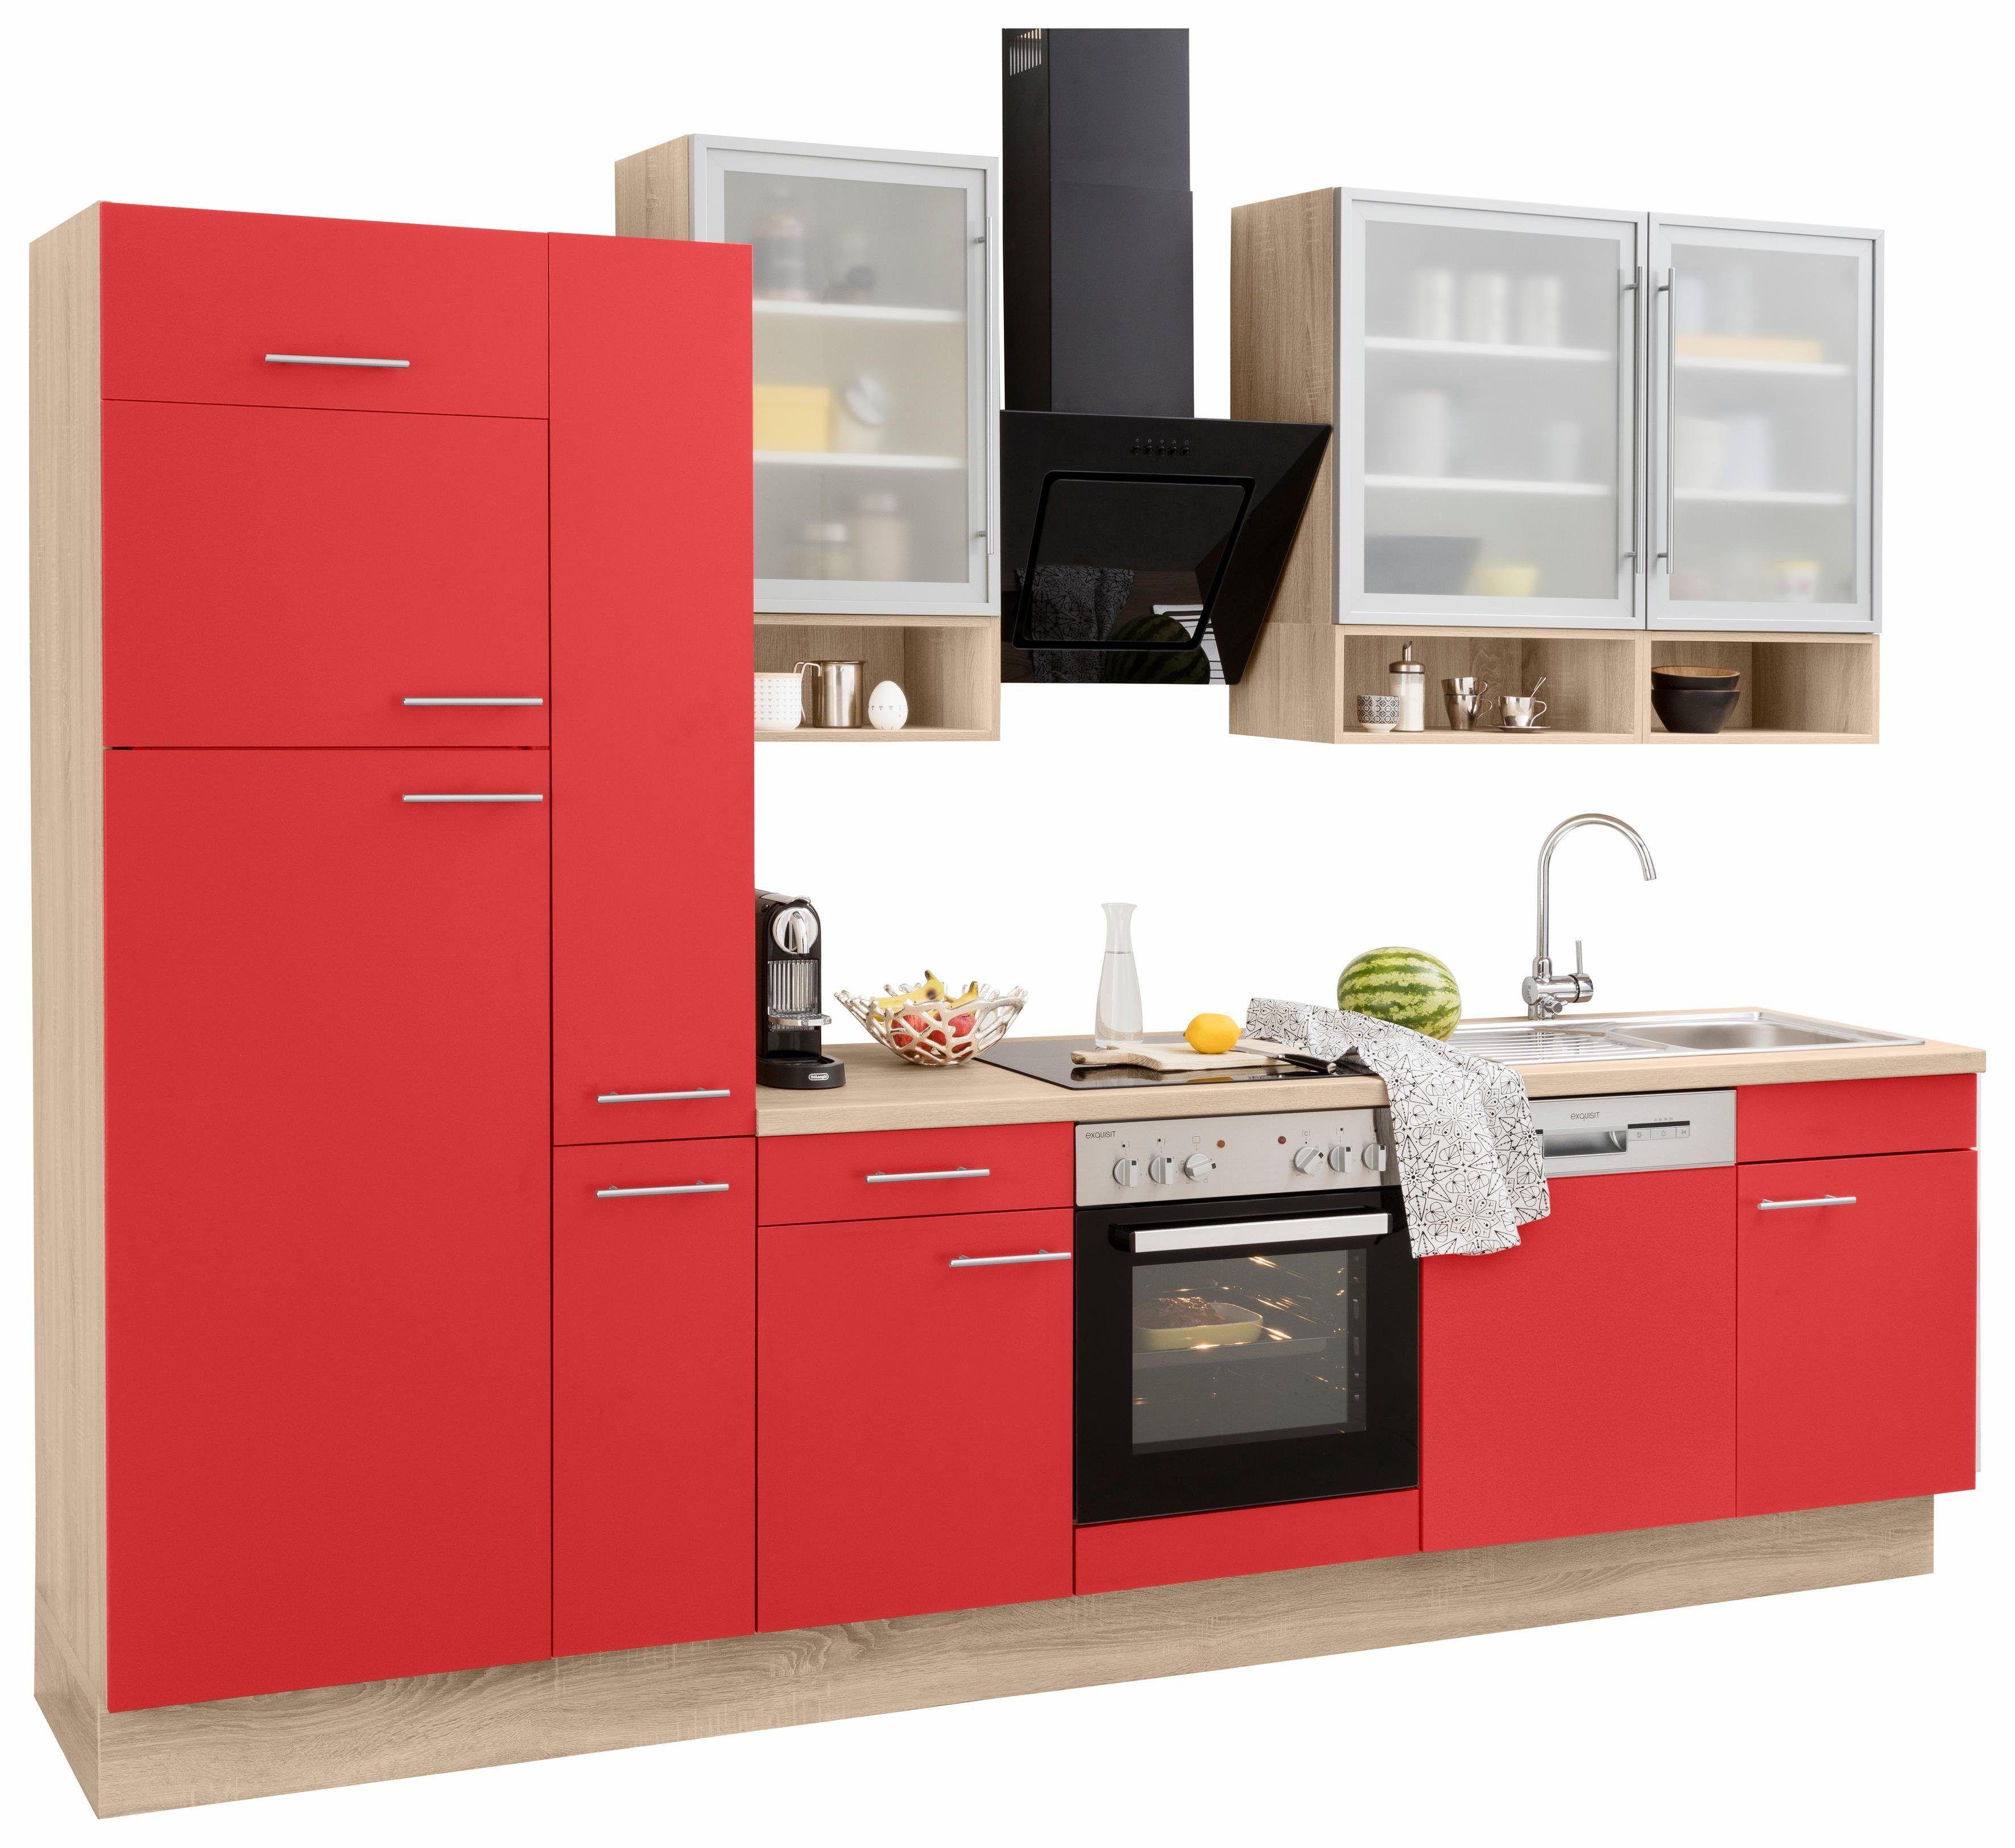 Wunderschön Küchenzeile Mit Geräten Das Beste Von Optifit Küchenzeile E-geräten Rot, Ervice, »aueÂ«, Schubkästen